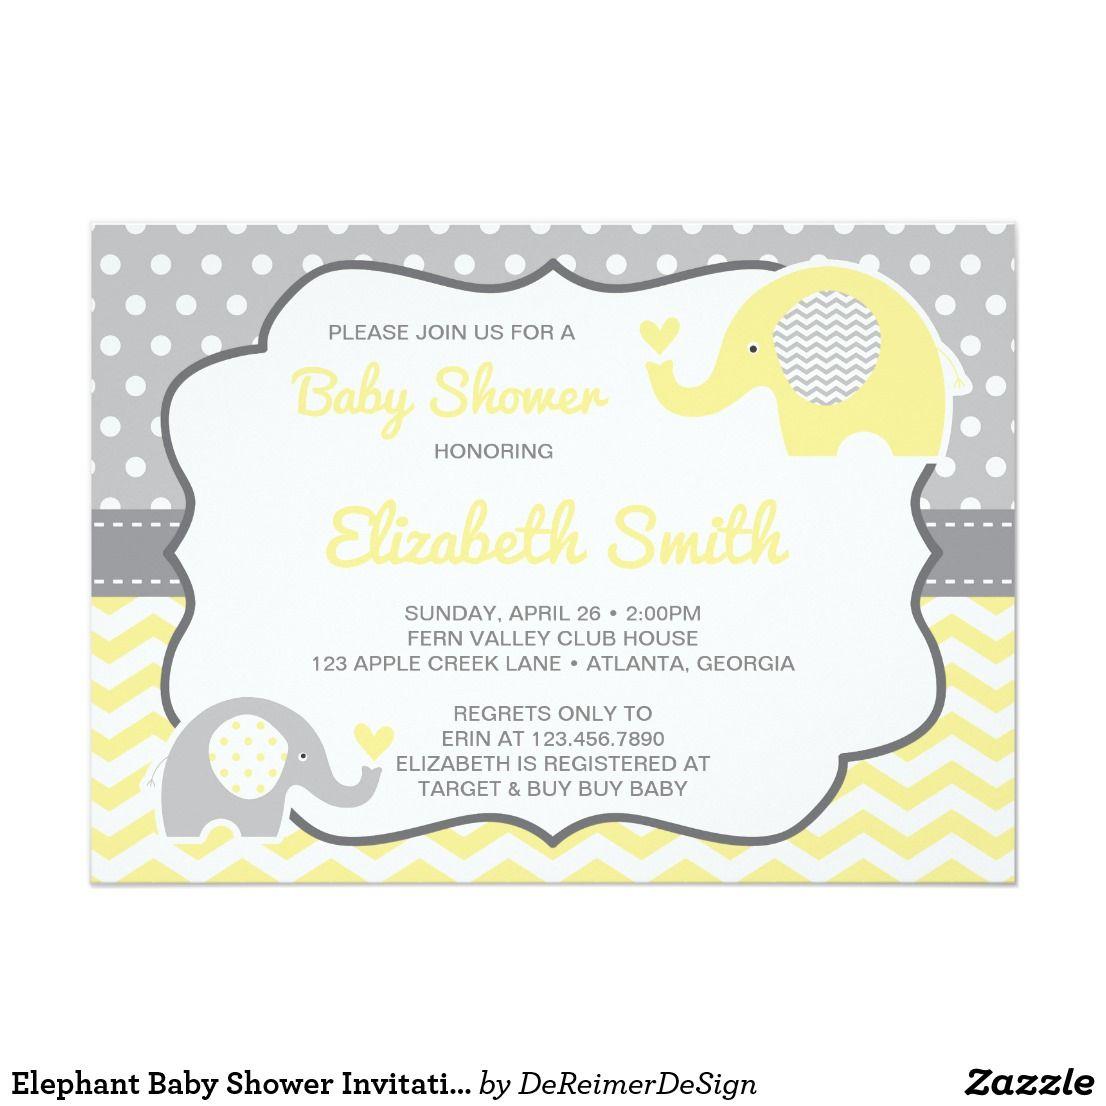 Non baby shower invitation baby shower invitations elephant baby shower invitation editable color invitation filmwisefo